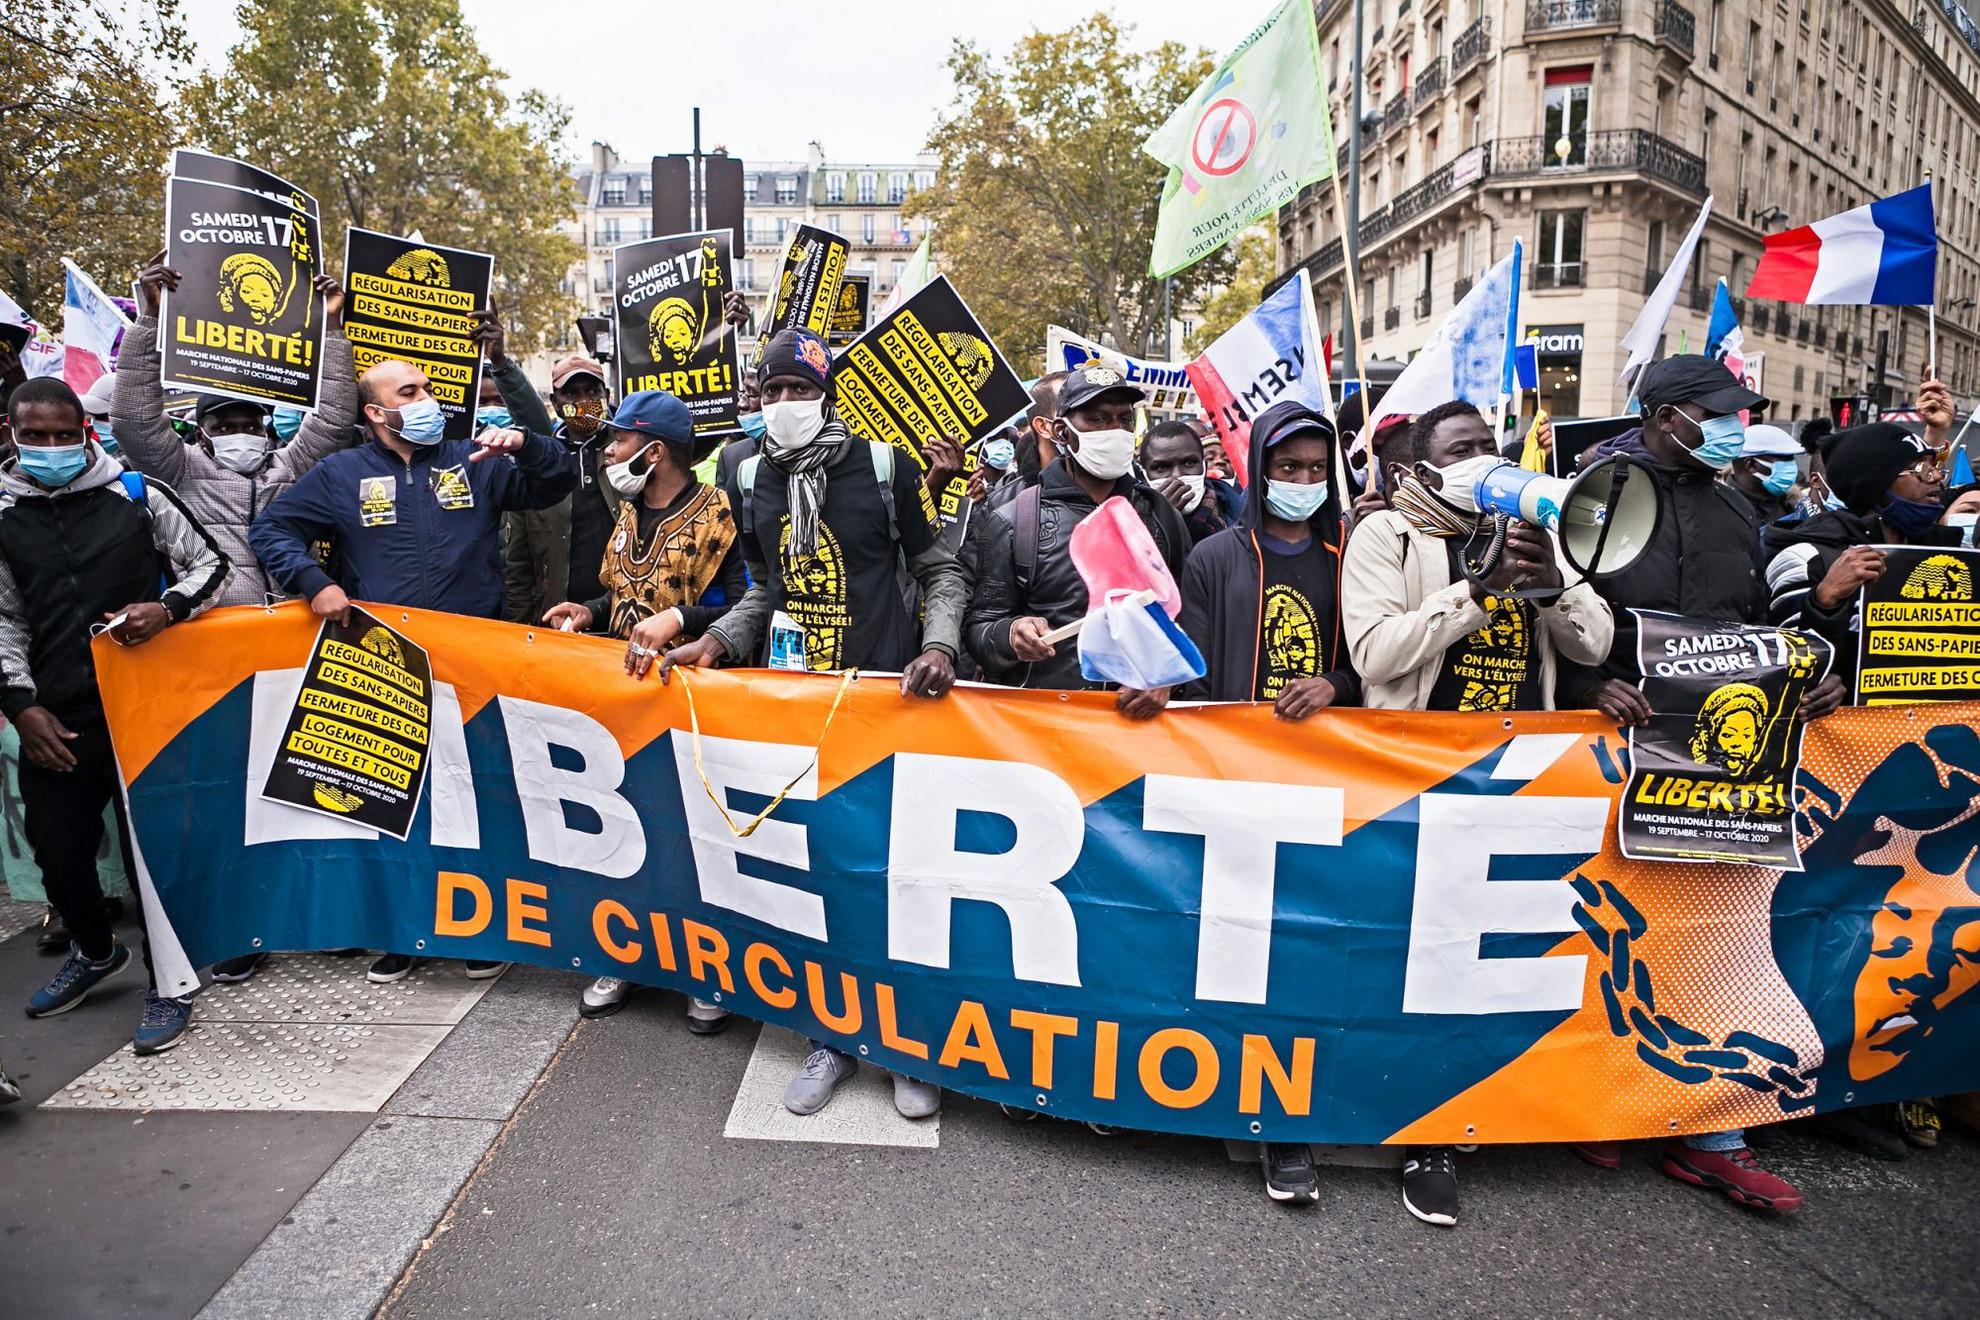 """Több ezren vonultak fel Párizsban szombaton a papírokkal nem rendelkező (""""sans papiers"""") bevándorlók és az őket támogató aktivisták. A demonstrálók a bevándorlók jogi státuszának rendezését, lakhatásuk biztosítását követelték. Eredetileg az elnöki palotához akartak vonulni, ezt azonban a rendőrség nem engedélyezte. A Le Figaro napilap cikke szerint Franciaországban az illegális bevándorlók száma háromszázezer és hatszázezer közé tehető. A tüntetők közül sokan feketén dolgoznak, mint mondták, a járvány miatti lezárások alatt sem hagyták abba a munkát. (ŐM)"""